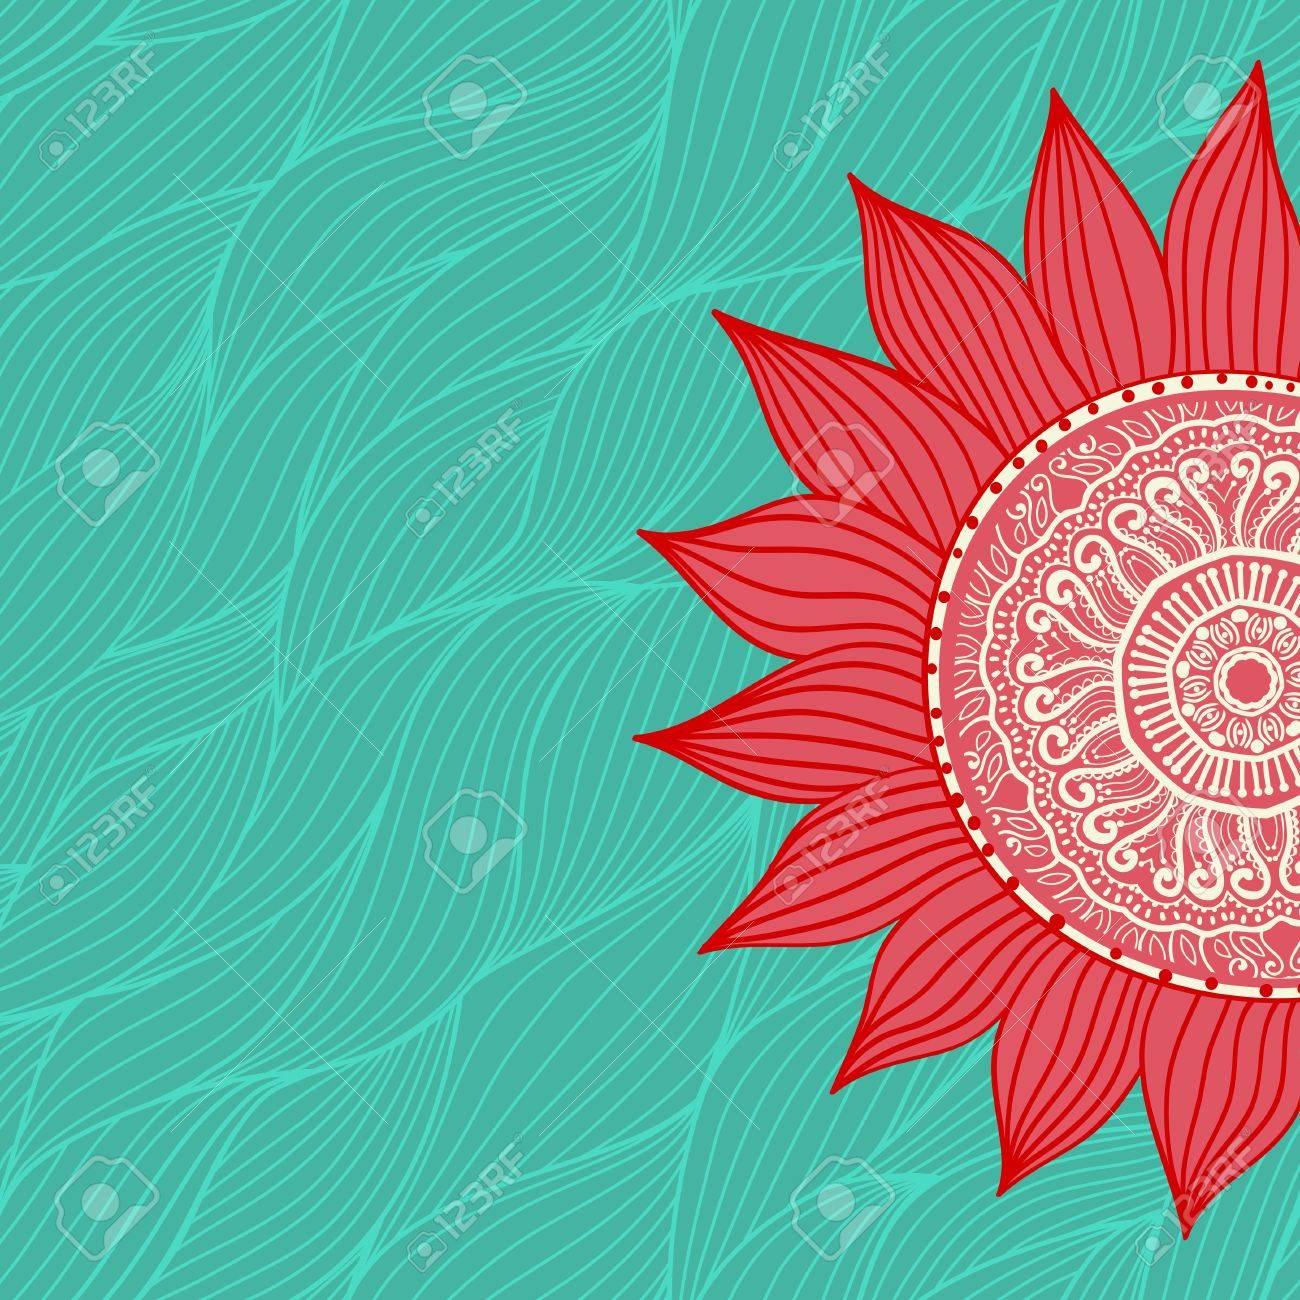 Ornamentale Runden Spitzen Muster Kreis Hintergrund Mit Vielen